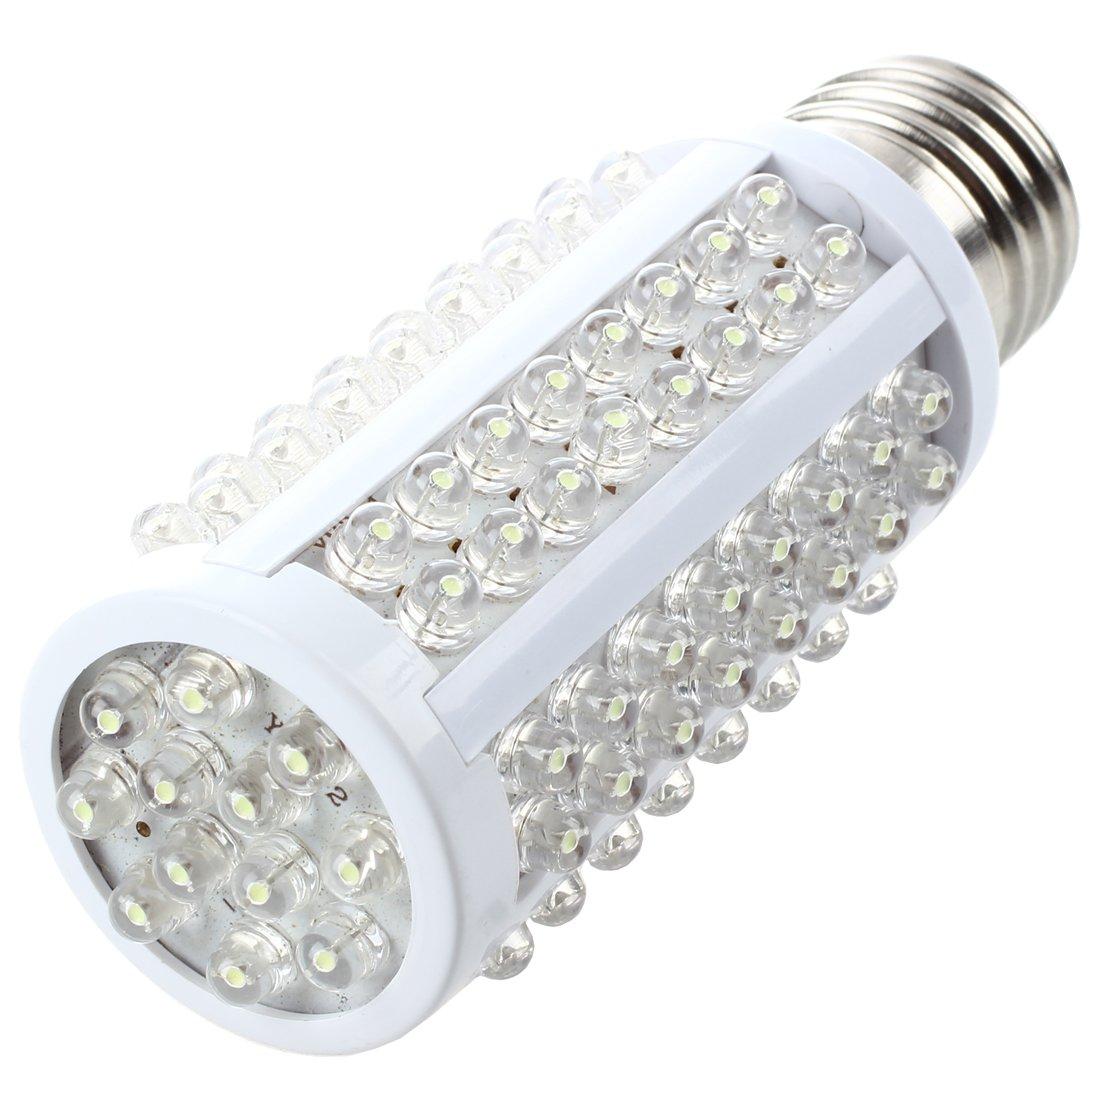 SODIAL(R) 4X E27 108 LEDs Spot Ampoule Lampe brillant Blanc 5500K